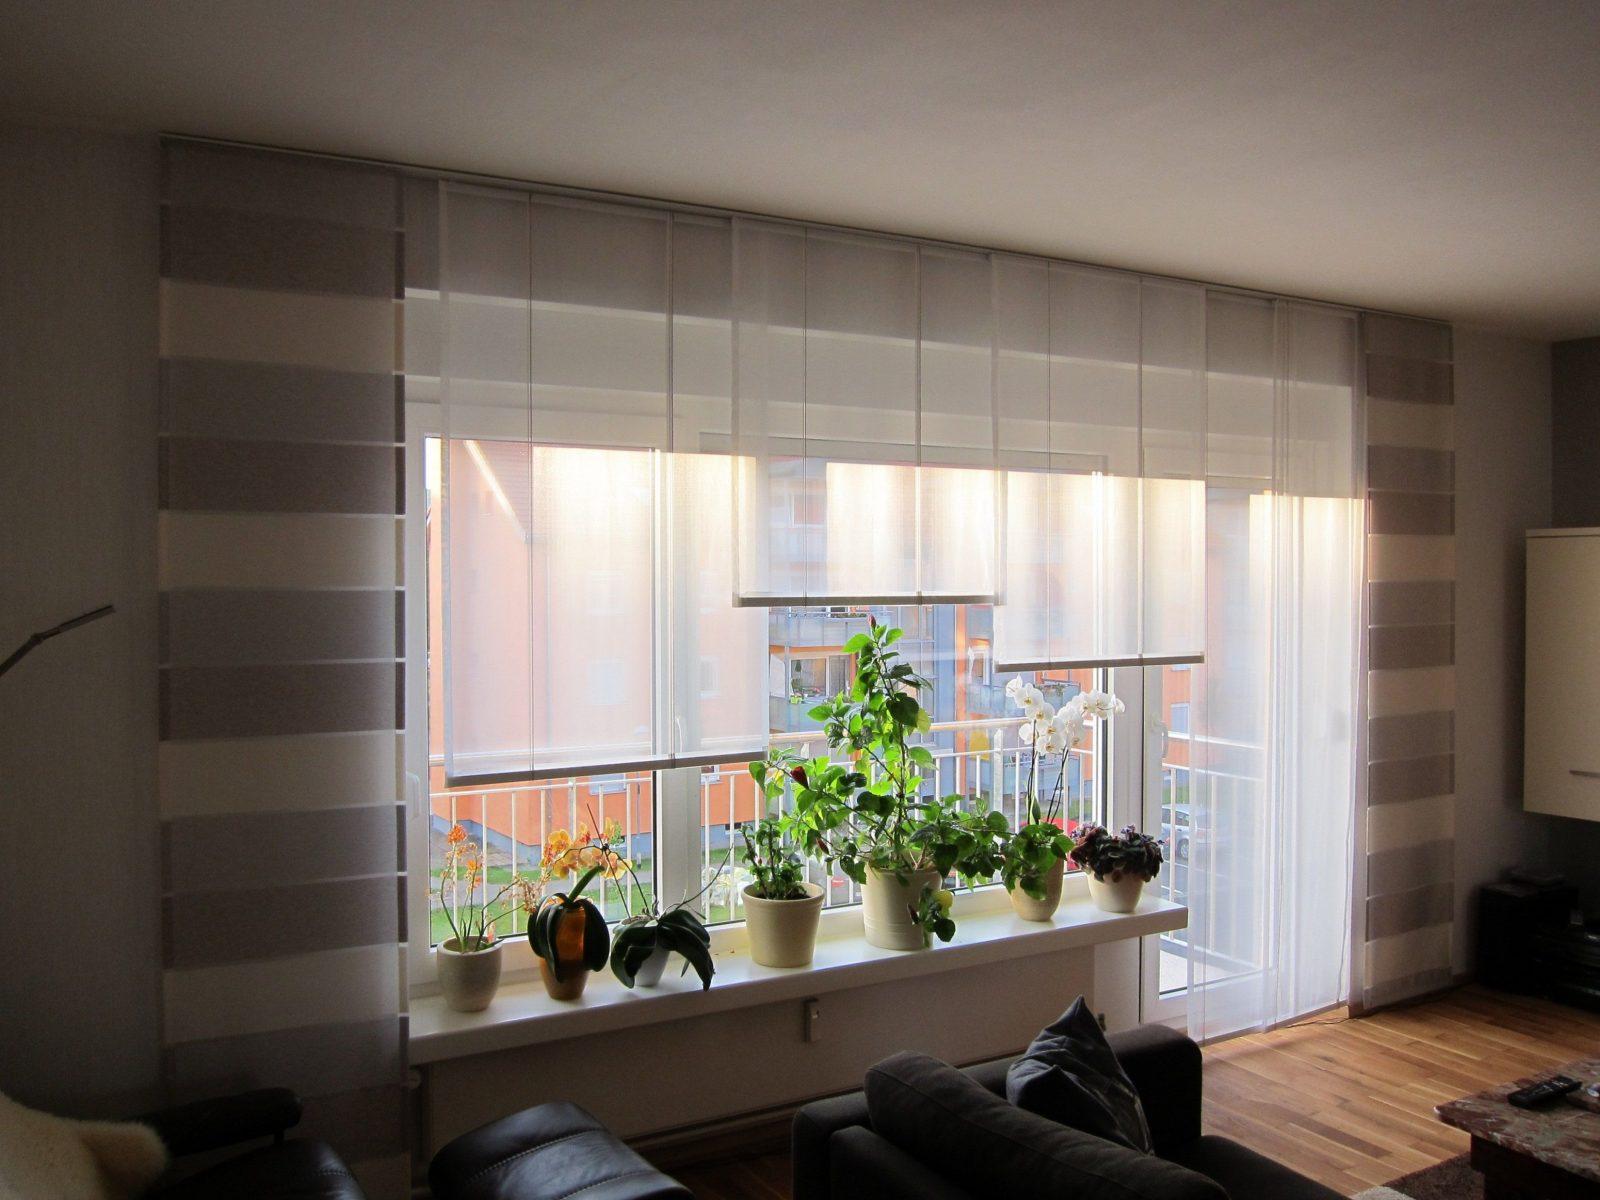 Gardinen Wohnzimmer Kurz von Kurze Gardinen Für Wohnzimmer Photo